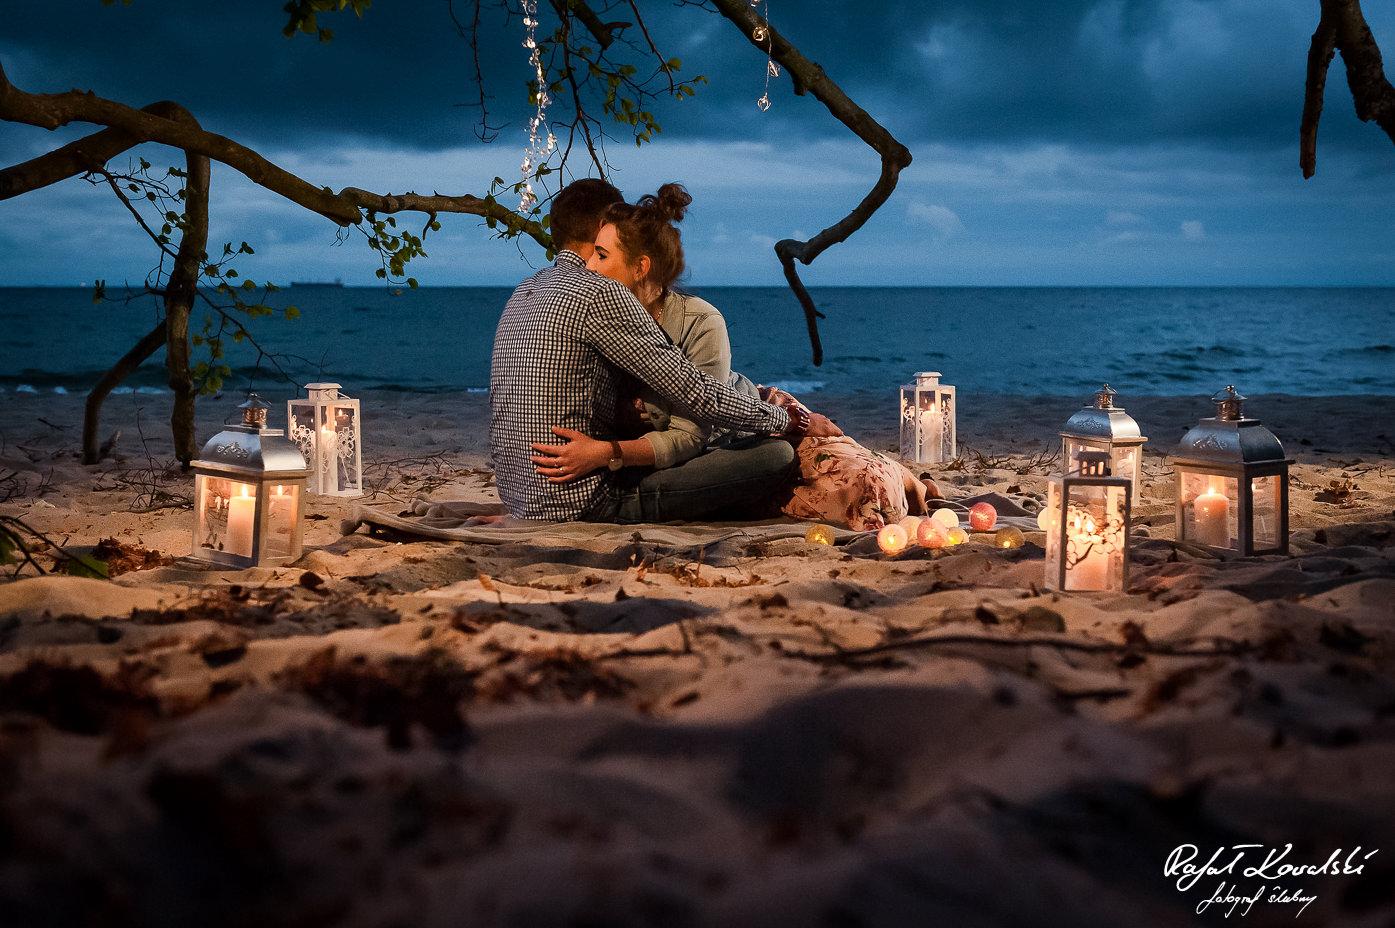 plenerowa sesja narzeczeńska na plaży wieczorem